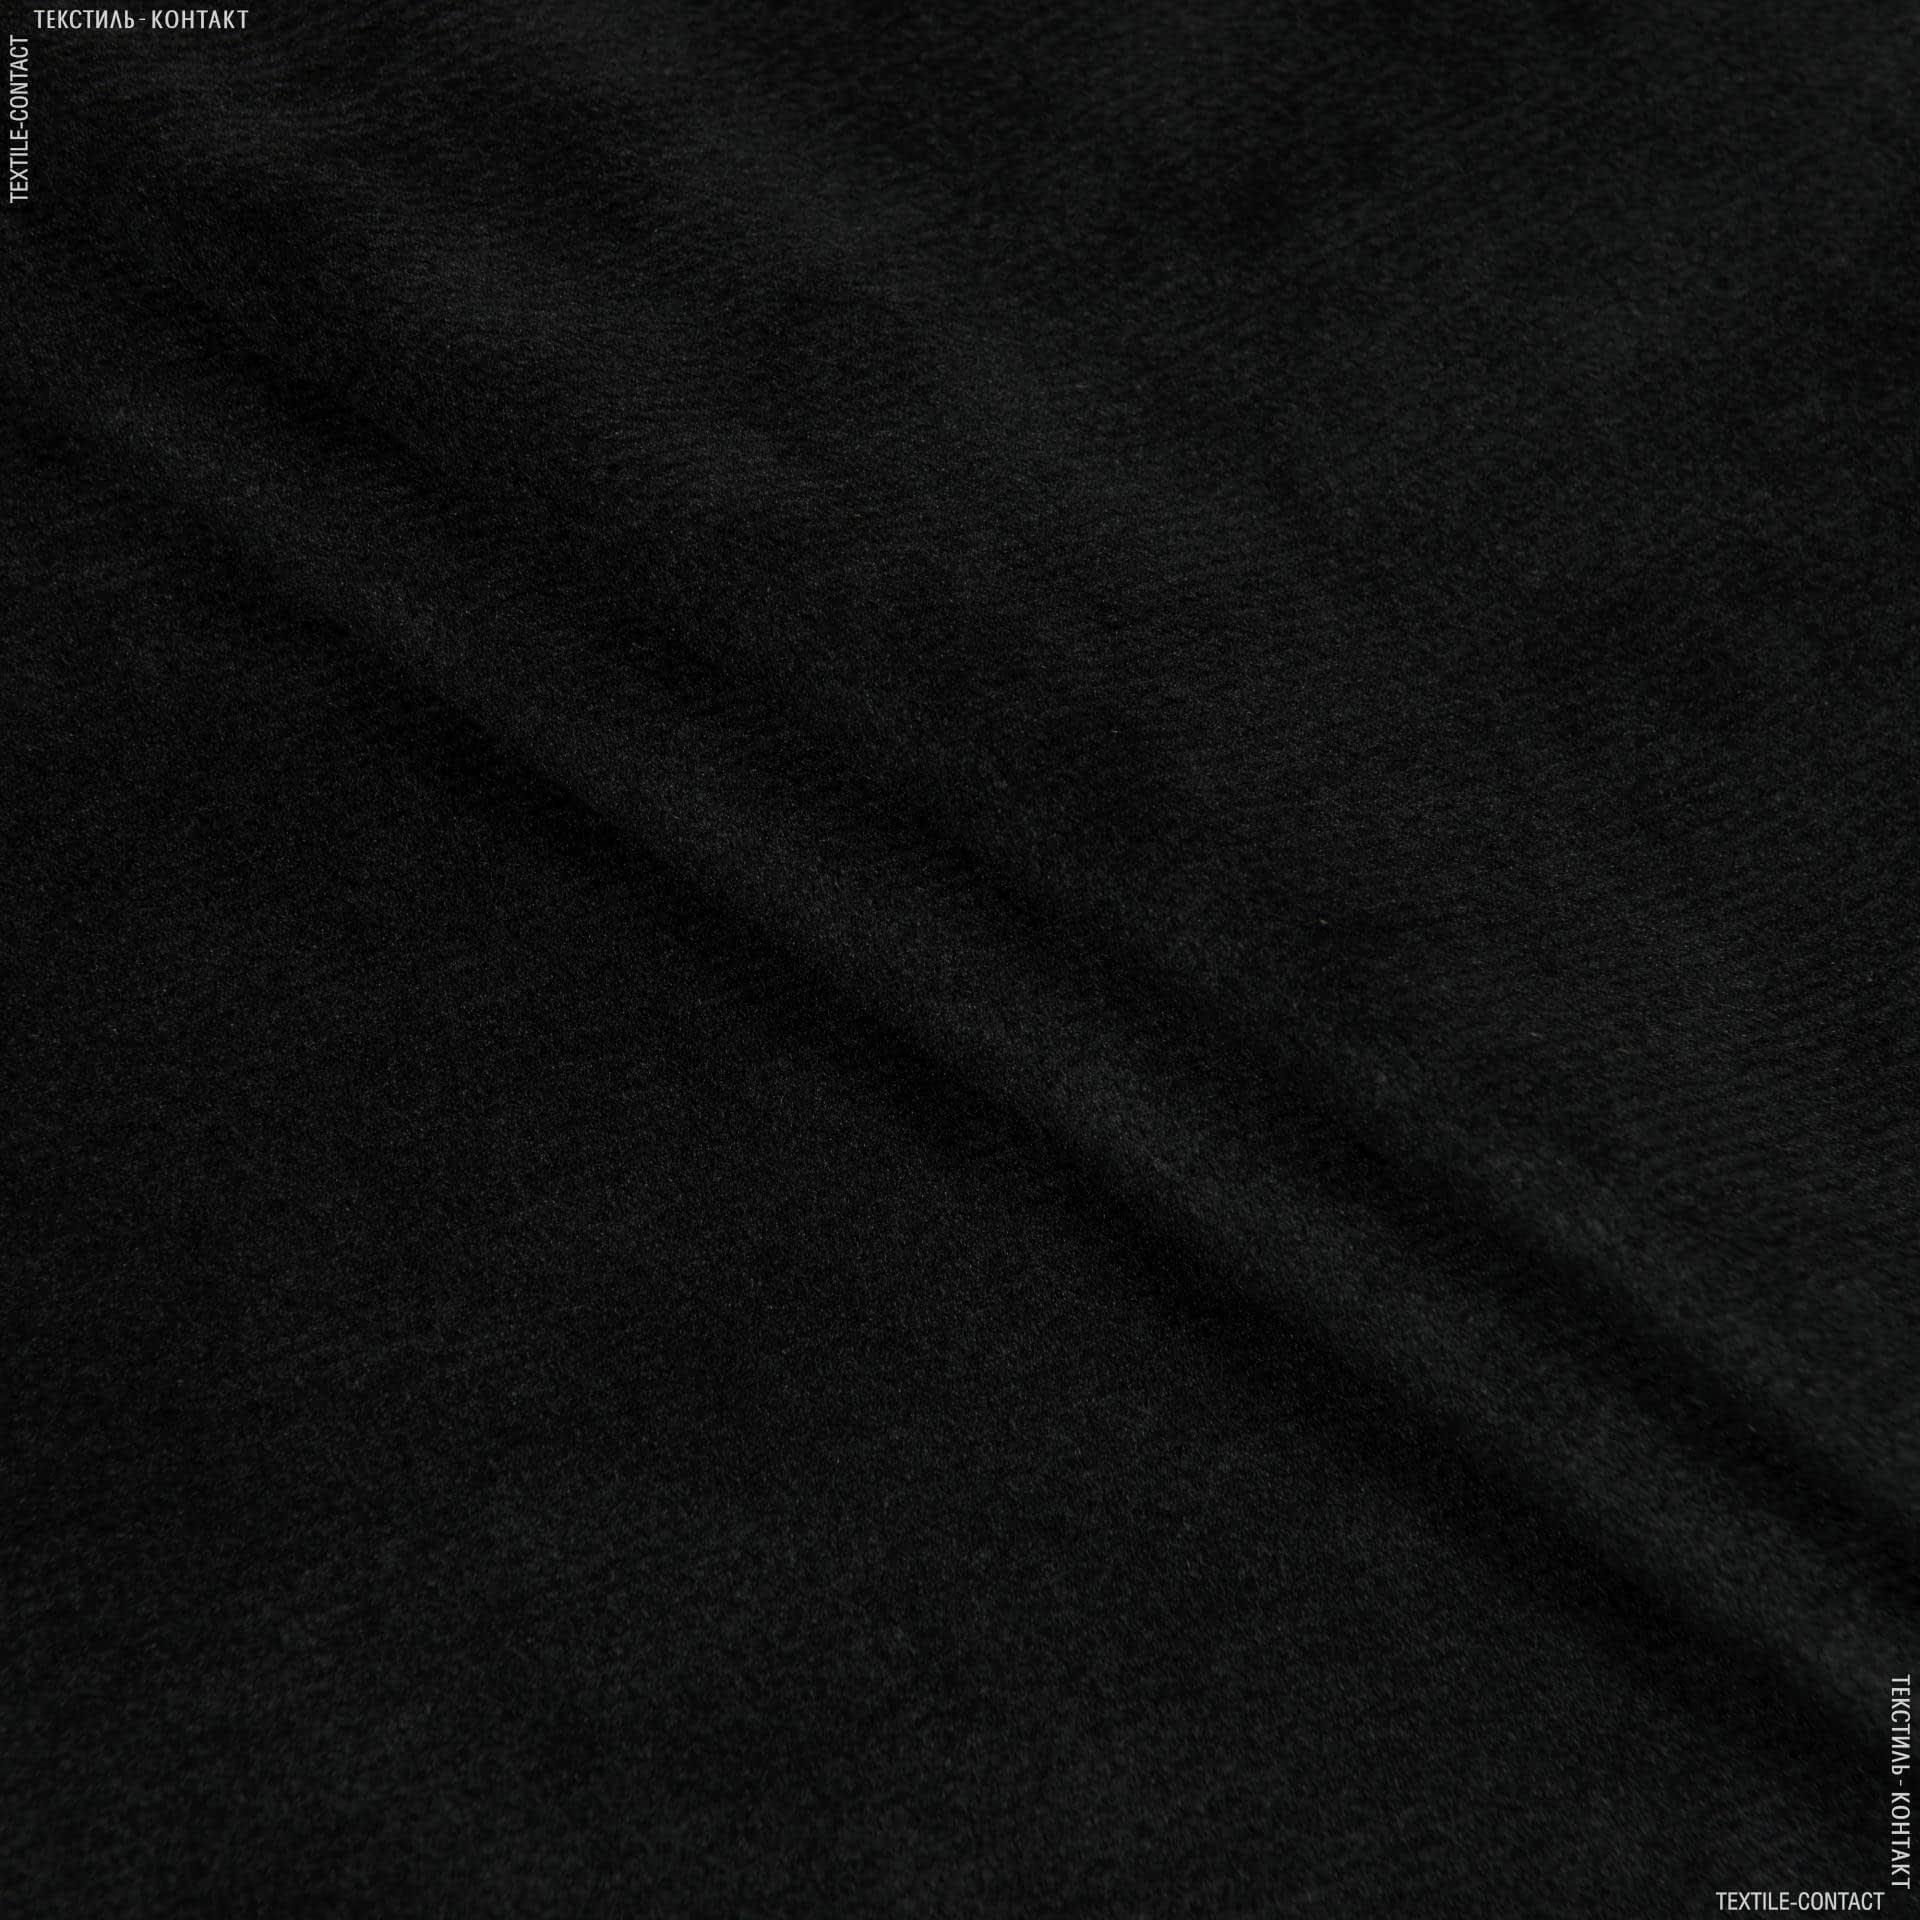 Тканини для верхнього одягу - Плюш (вельбо) лайт чорний